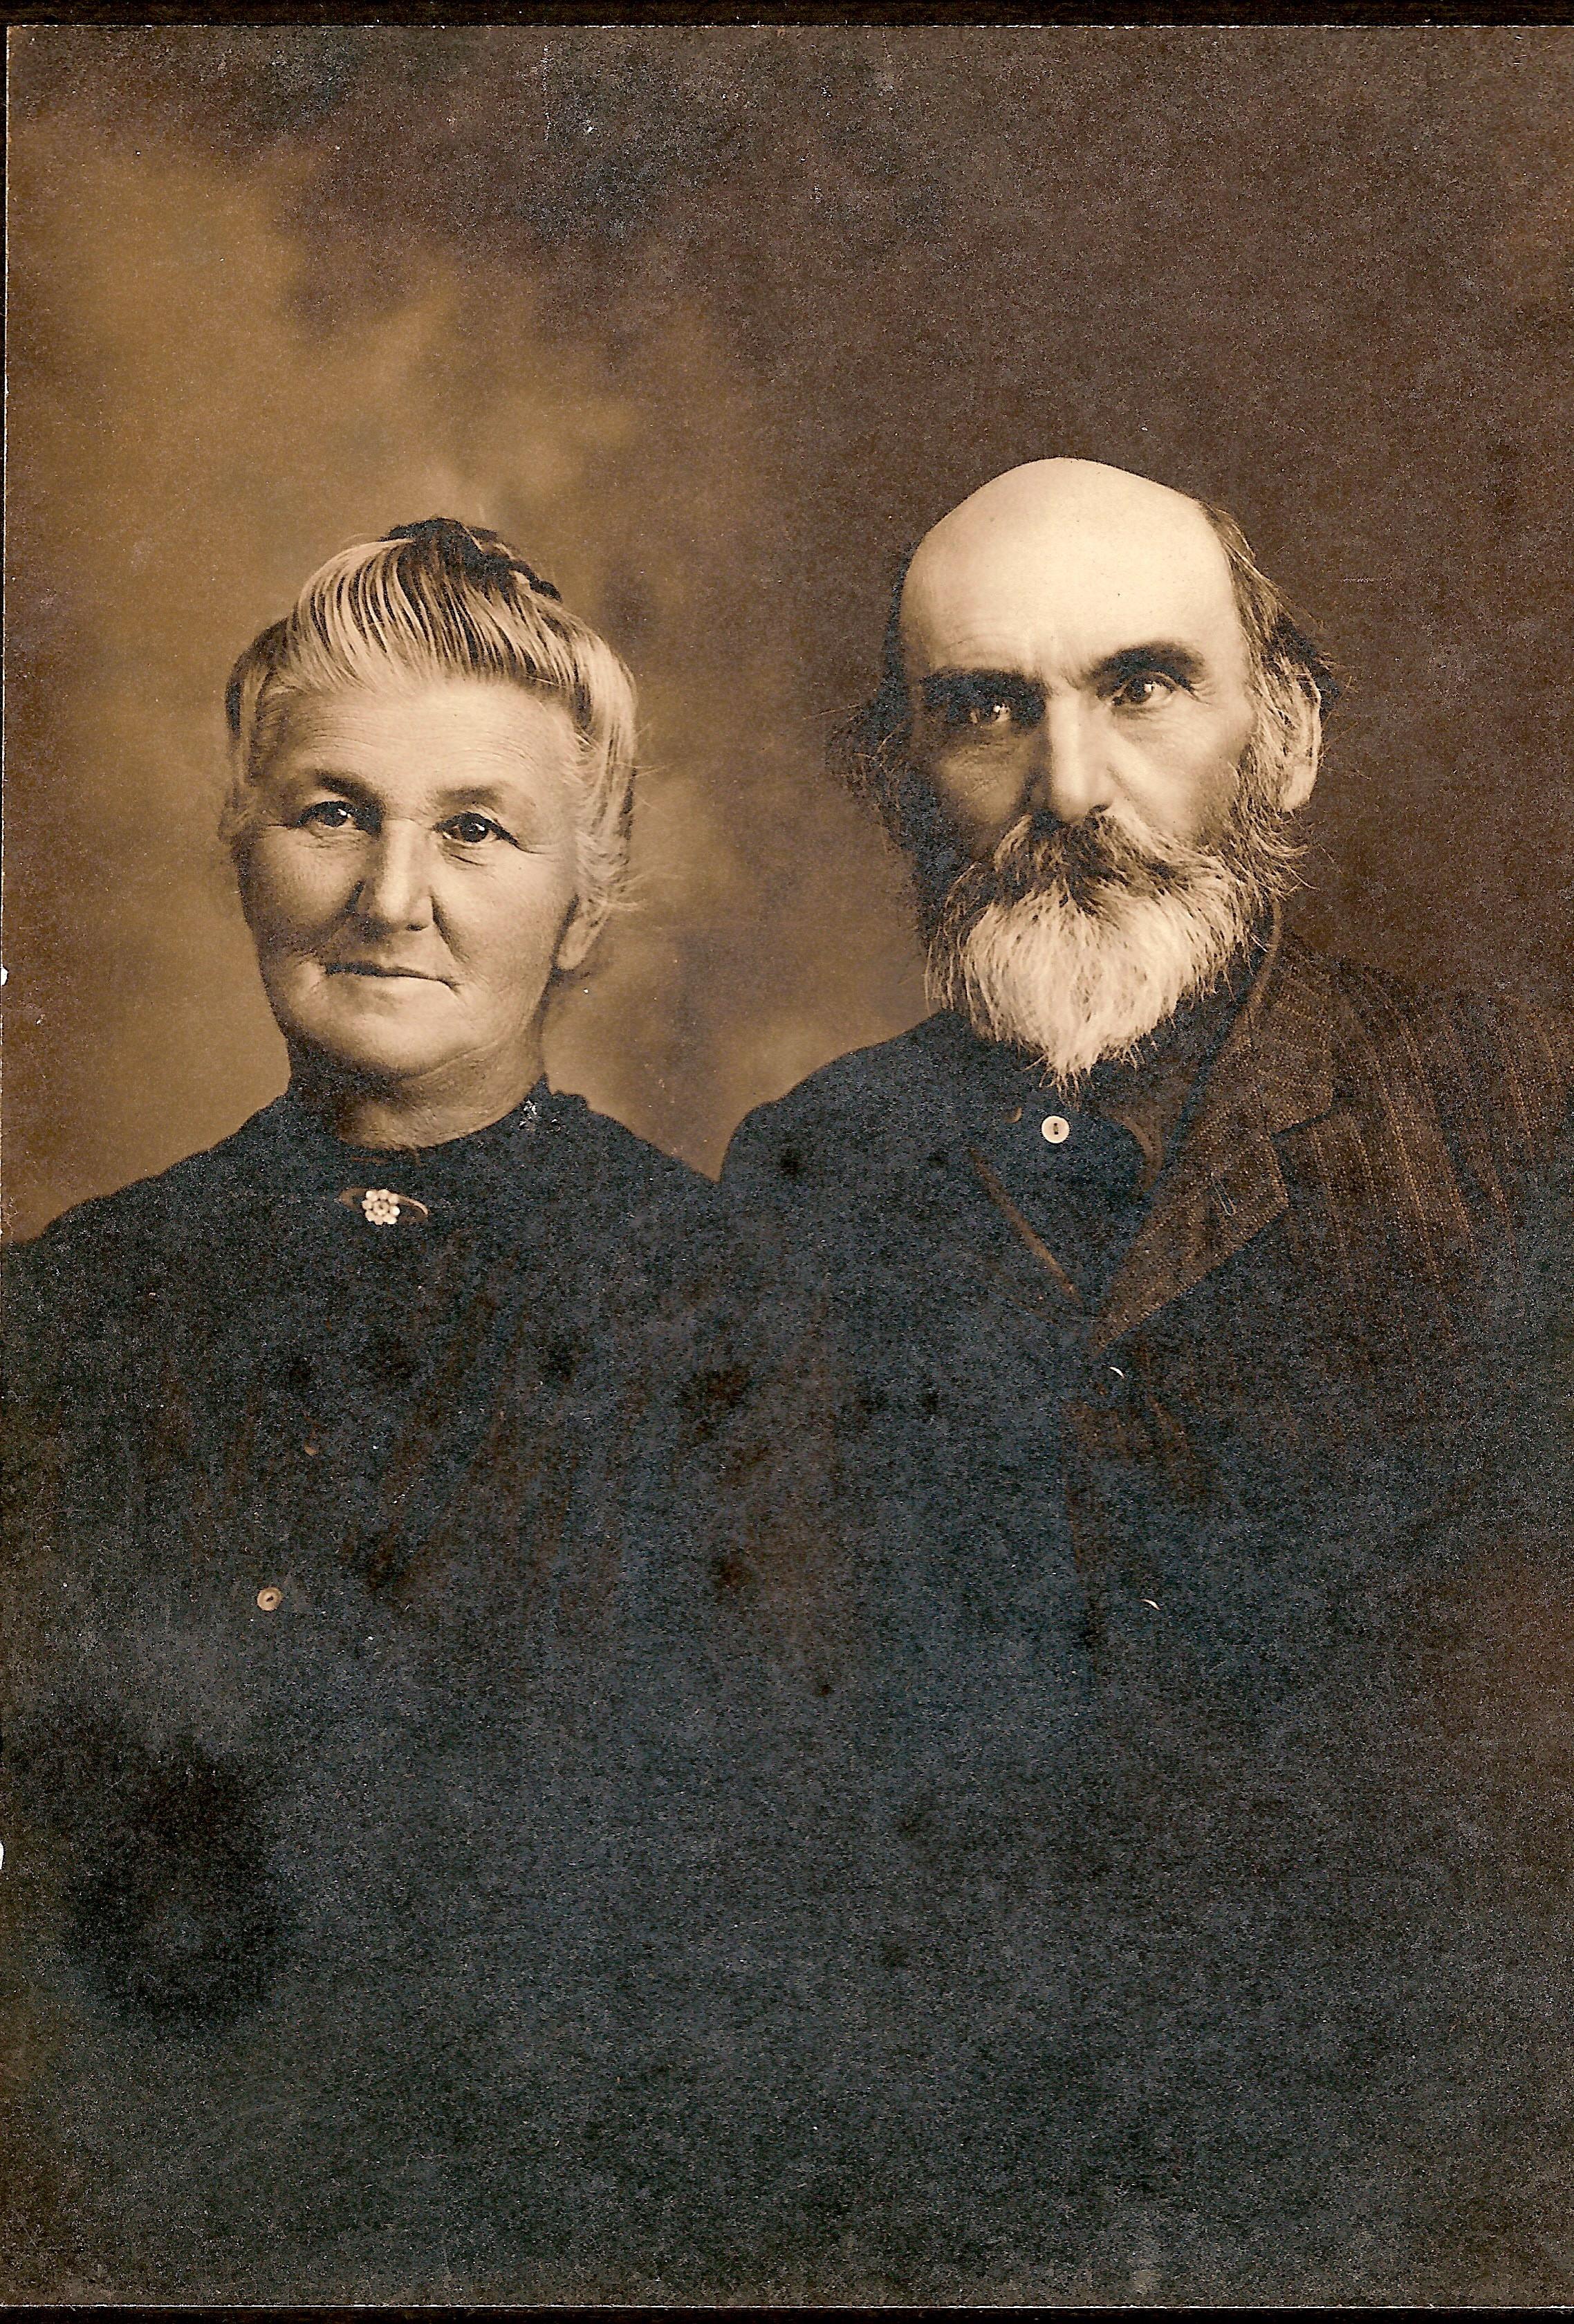 Margaret Schoenborn